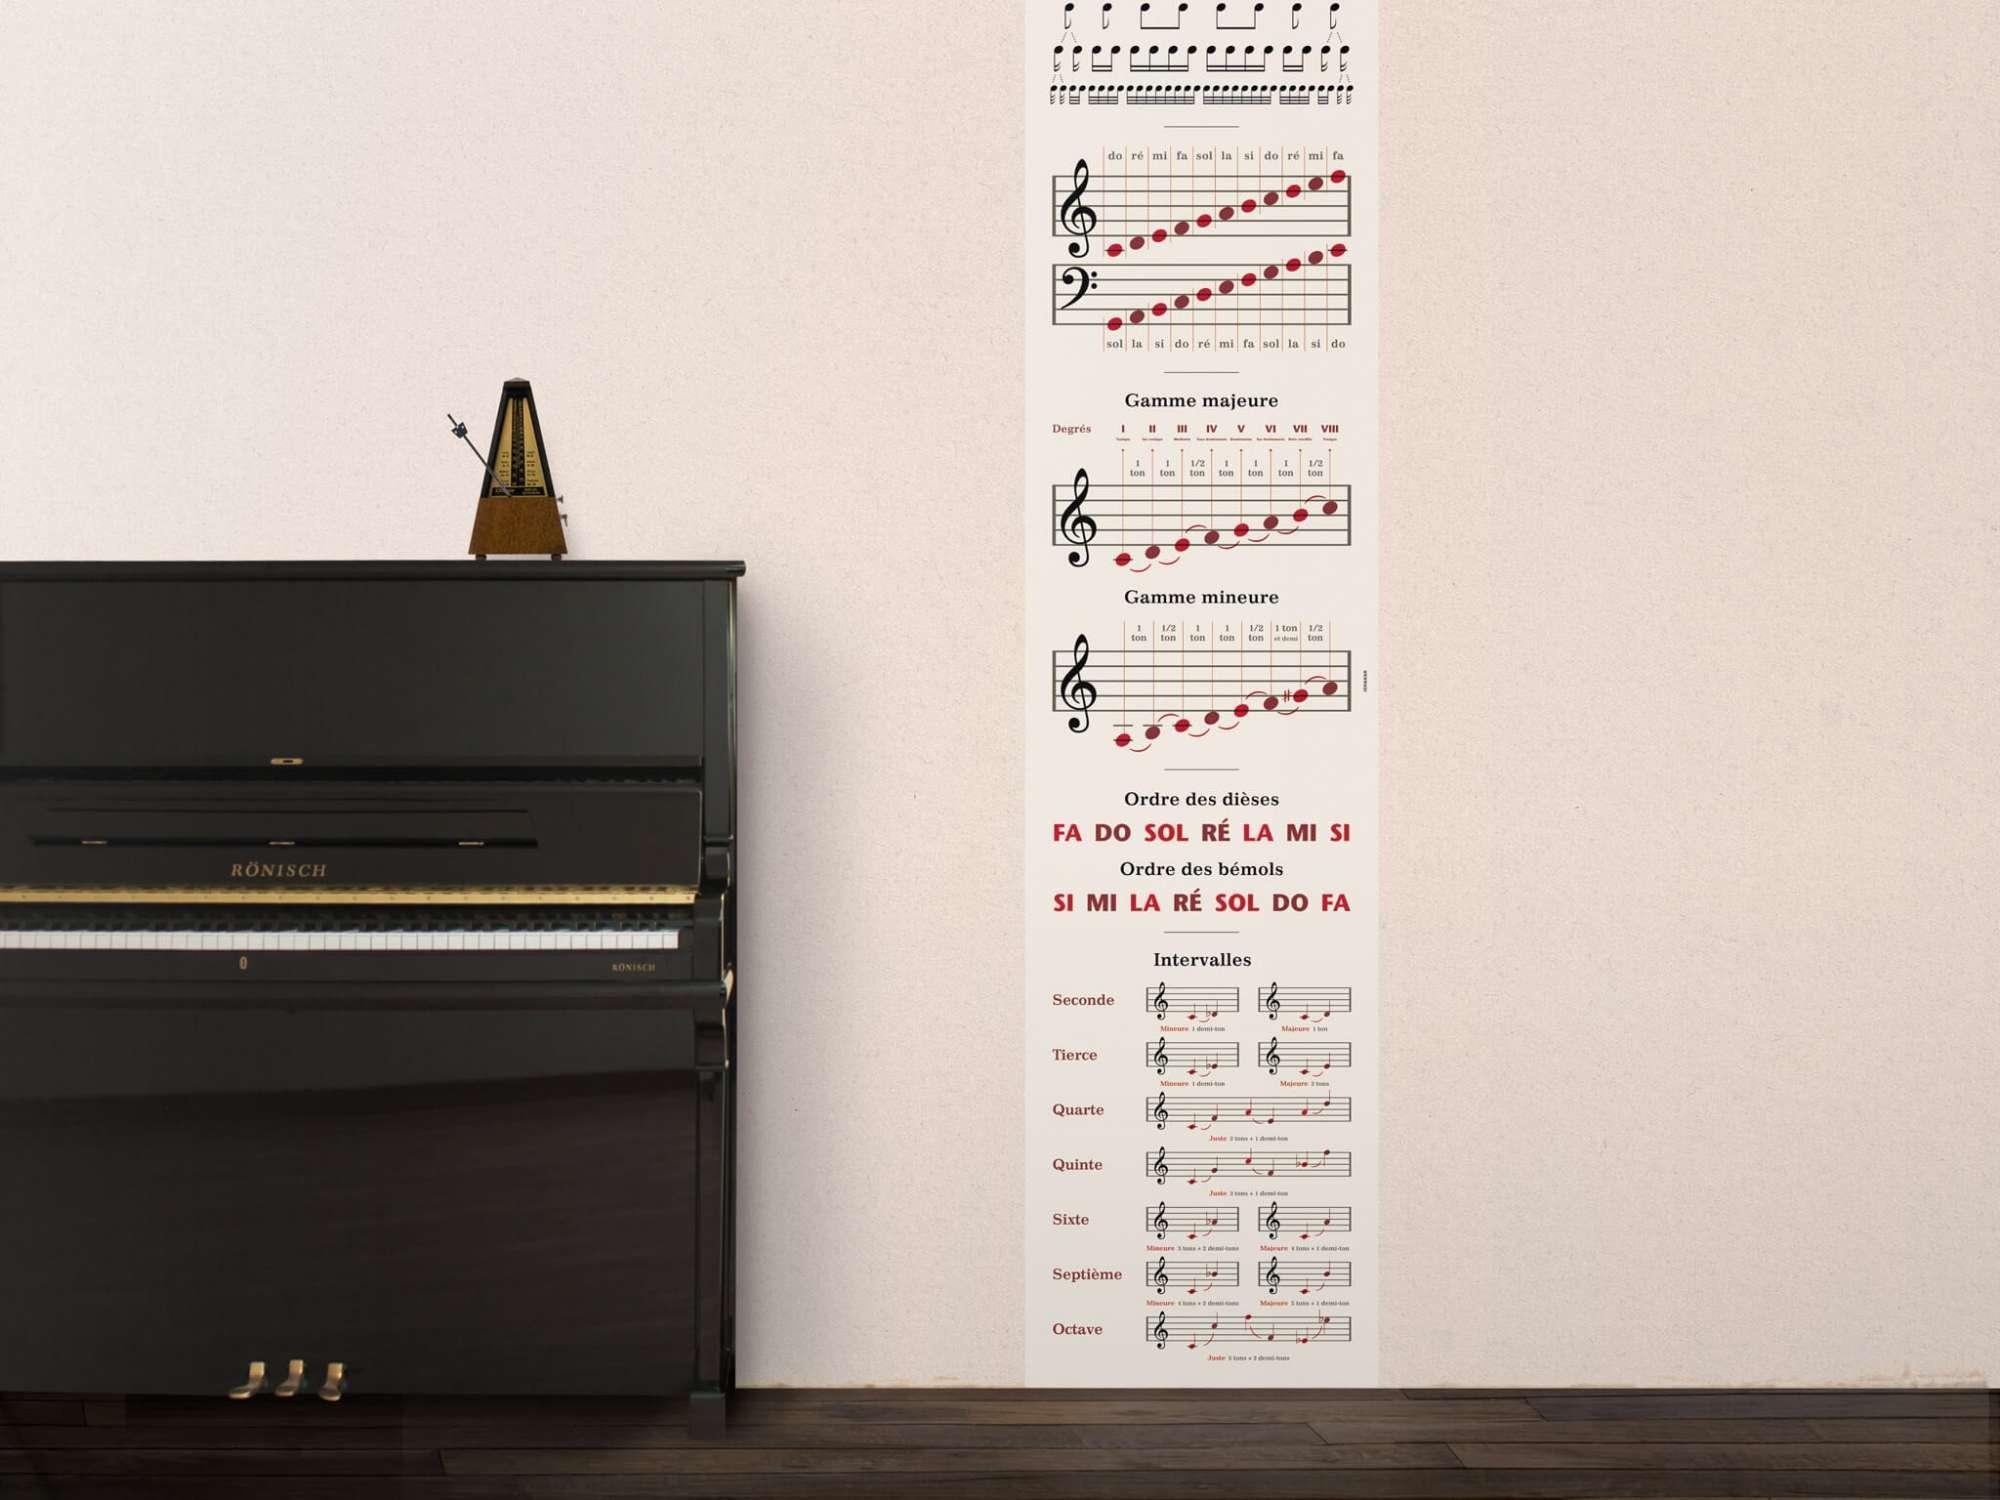 Lé de papier peint musique pour apprendre ou reviser le Solfège, do ré mi à coller dans une chambre, design IchetKar